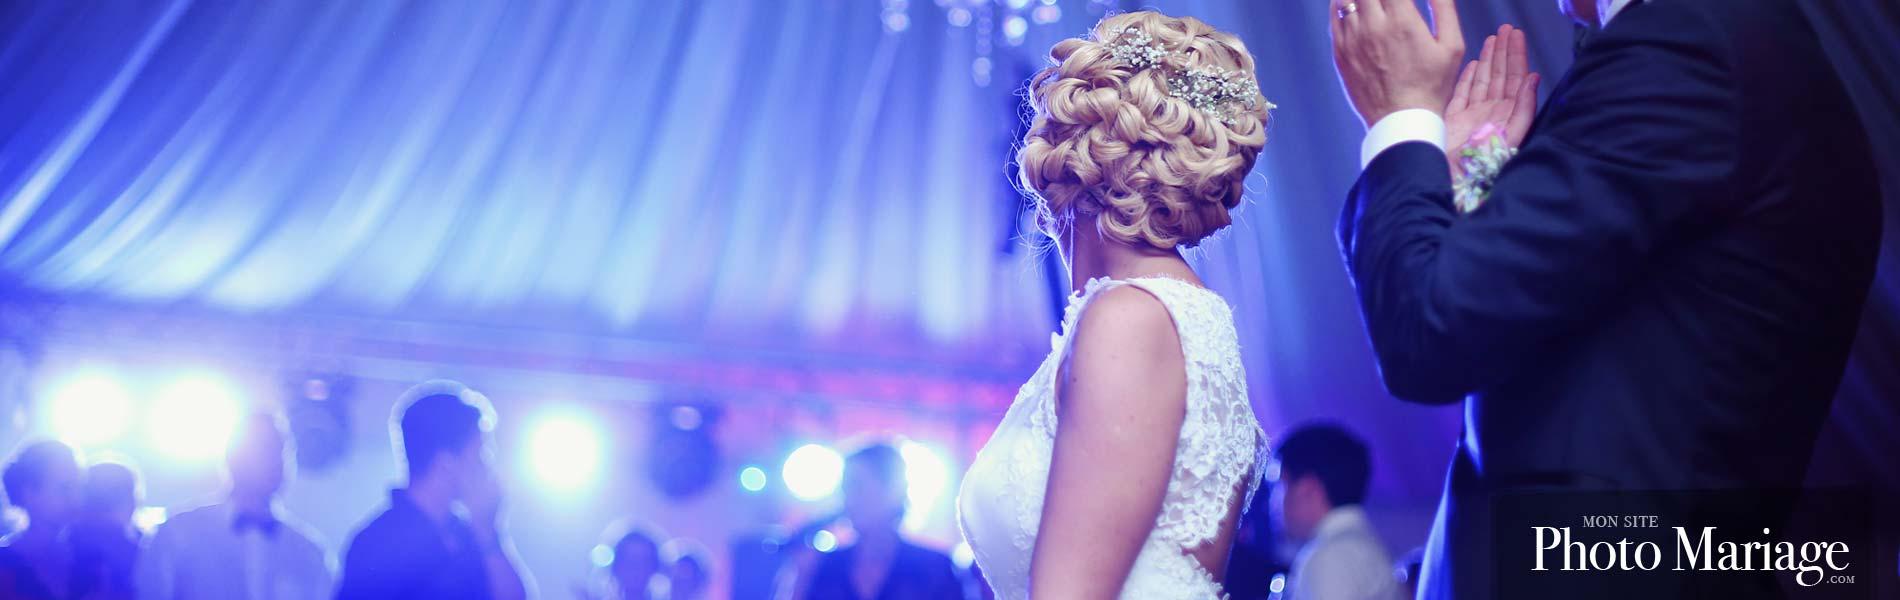 Partage sécurisé pour photos et vidéos de mariage avec les invités